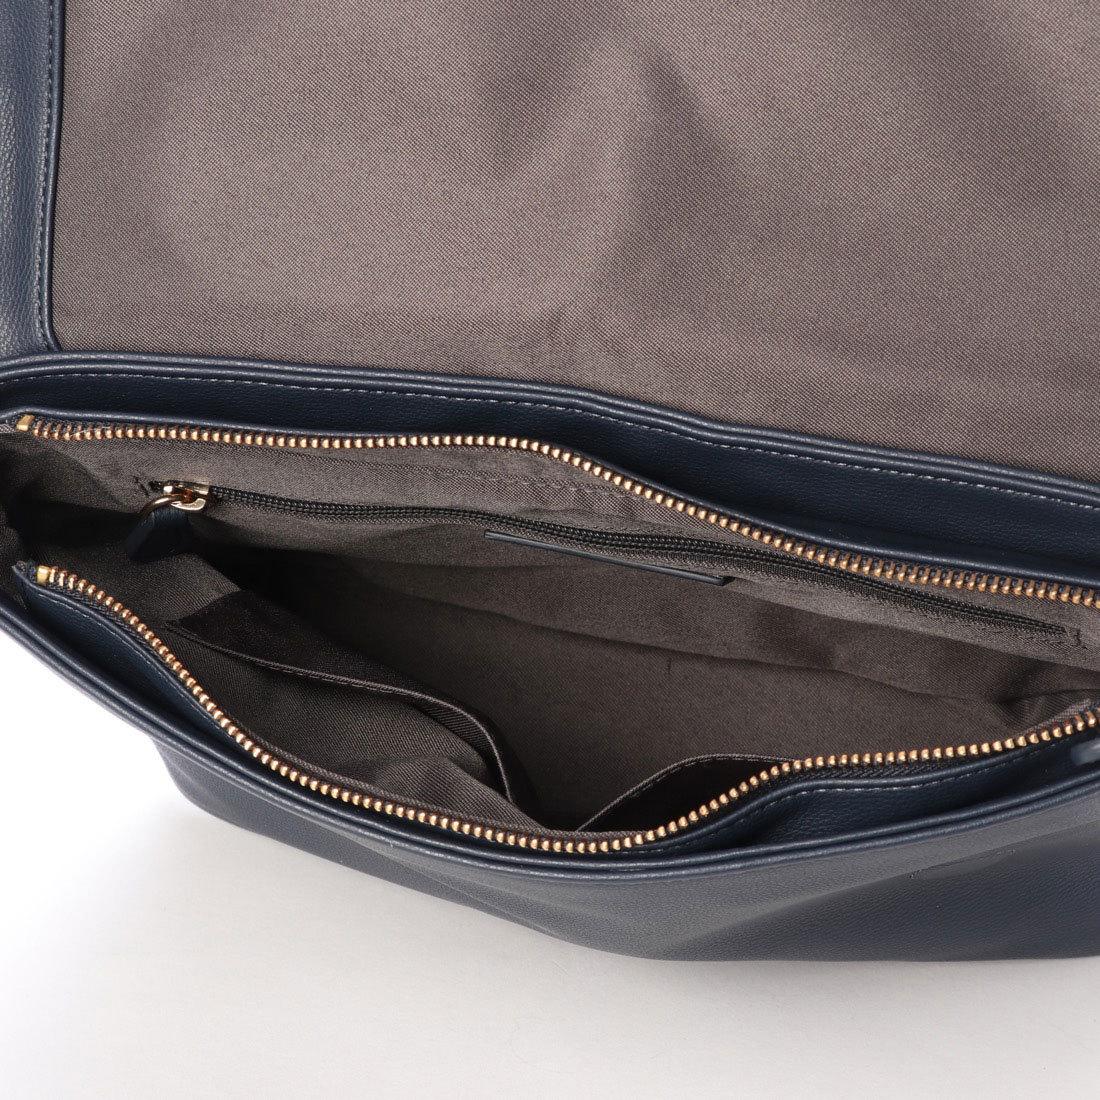 【70%OFFセール品】OREGION マリー ワンハンドル2WAYバッグ